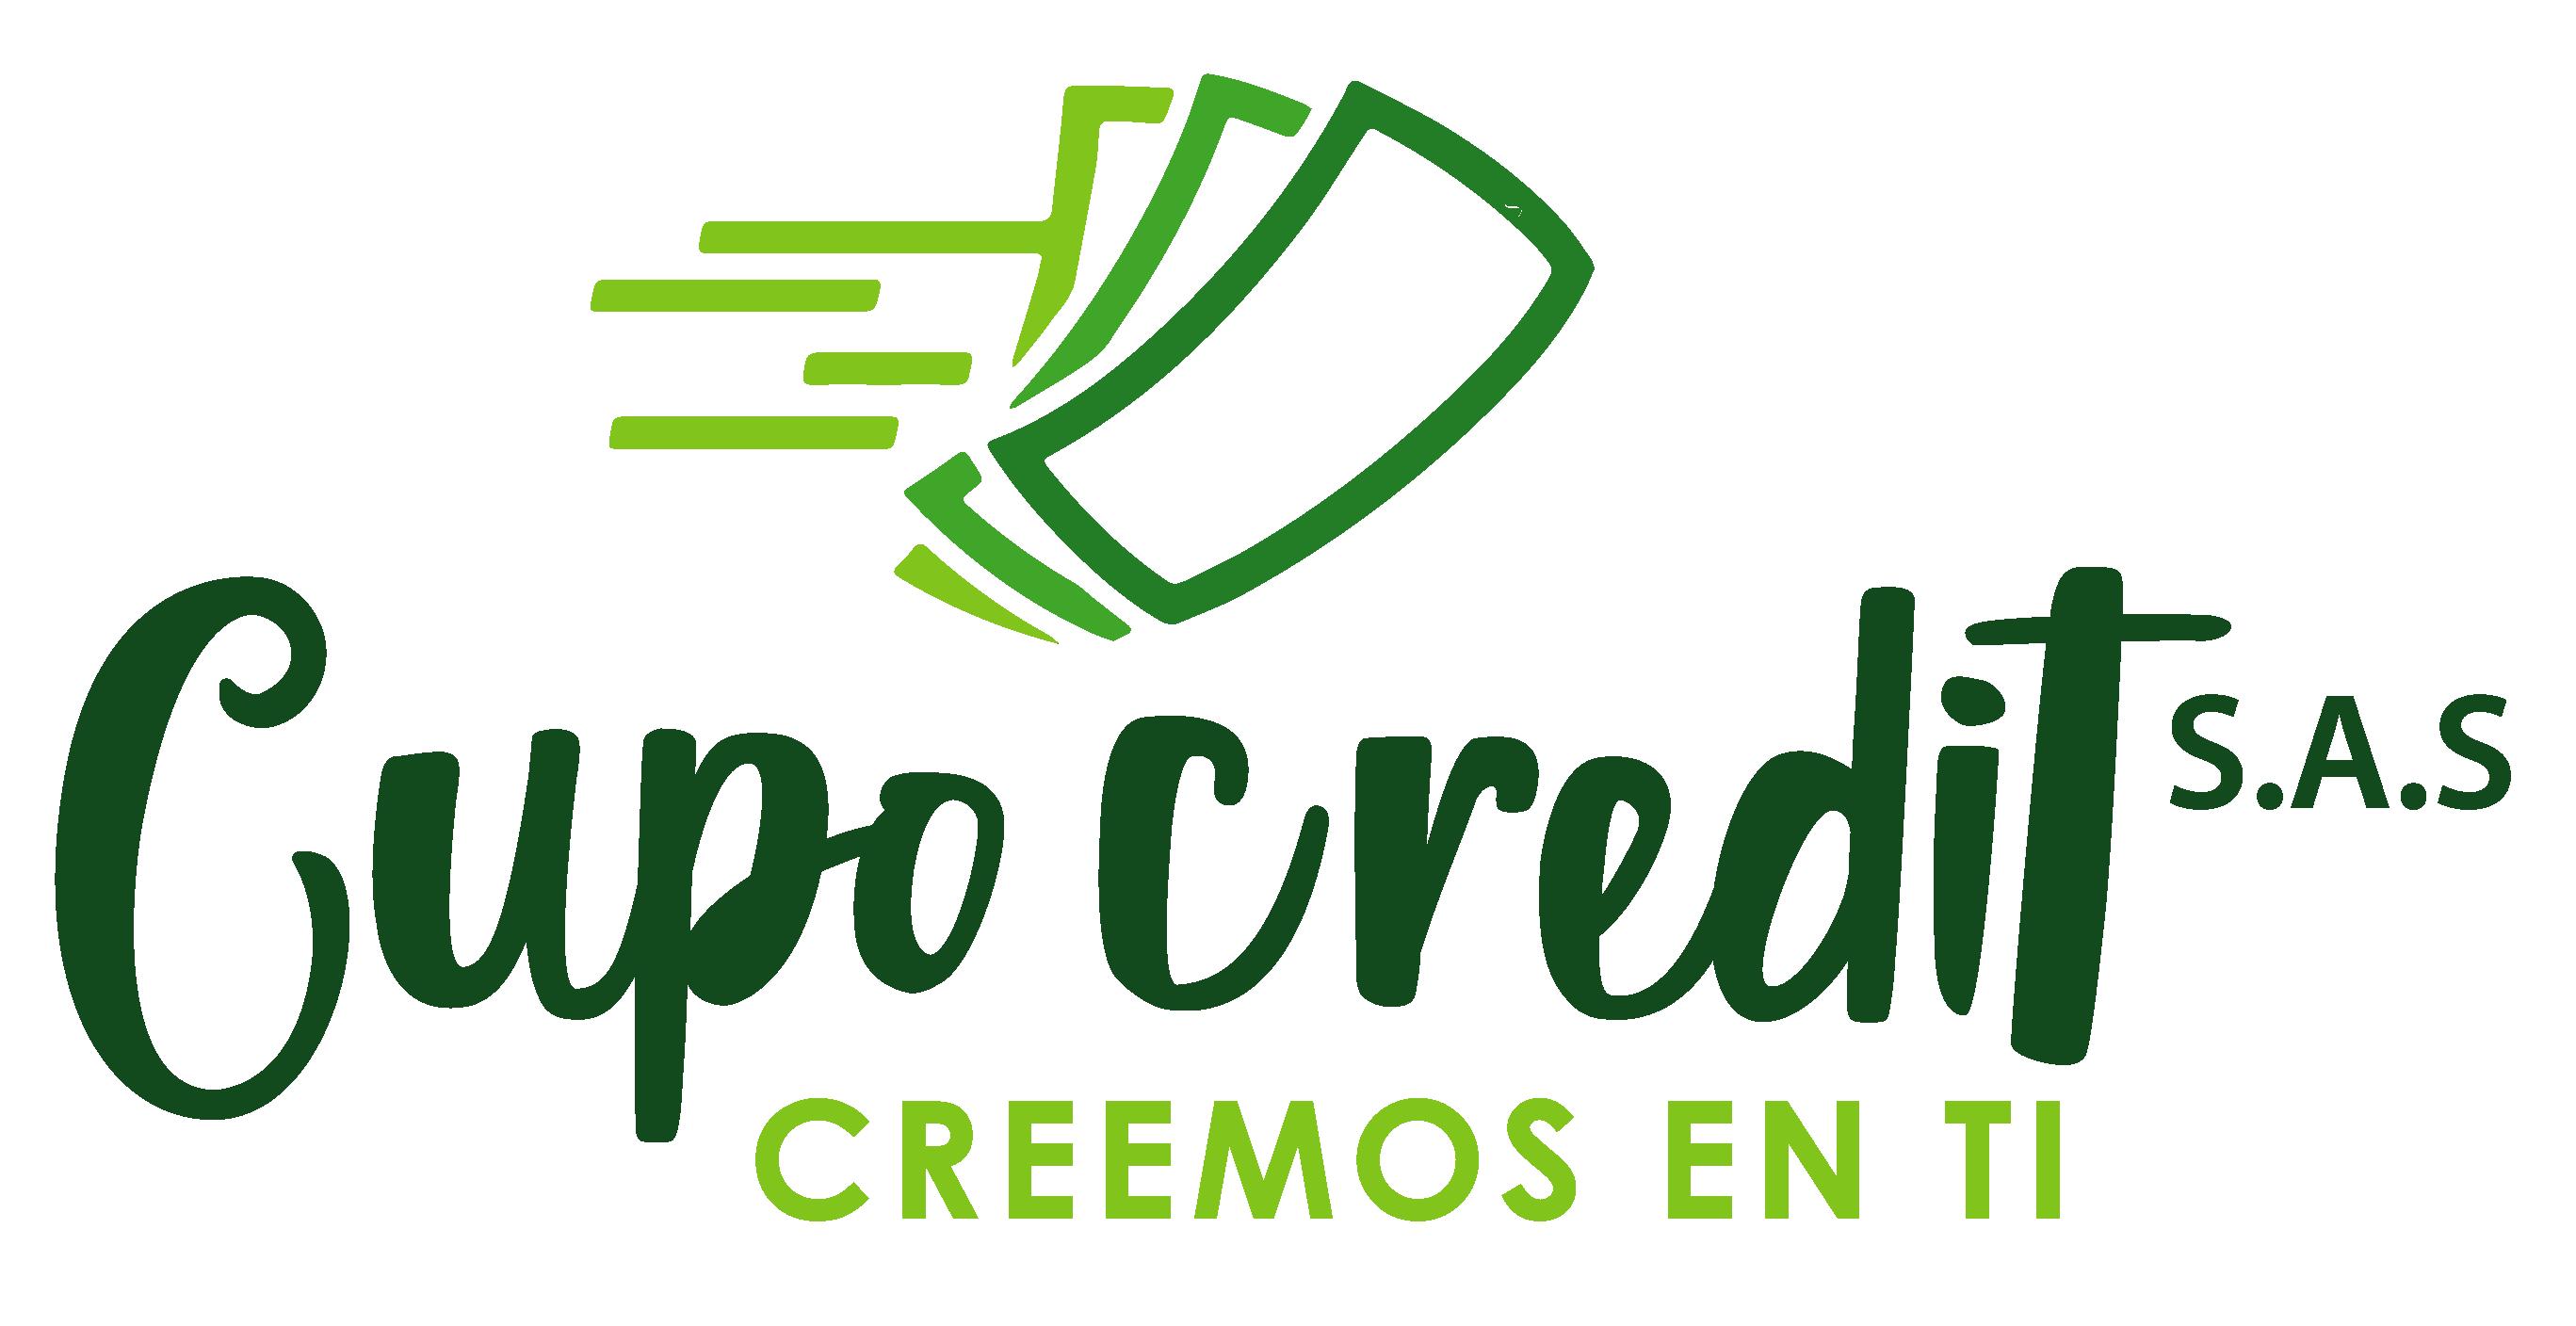 CupoCredit | Credito Rápido Cali